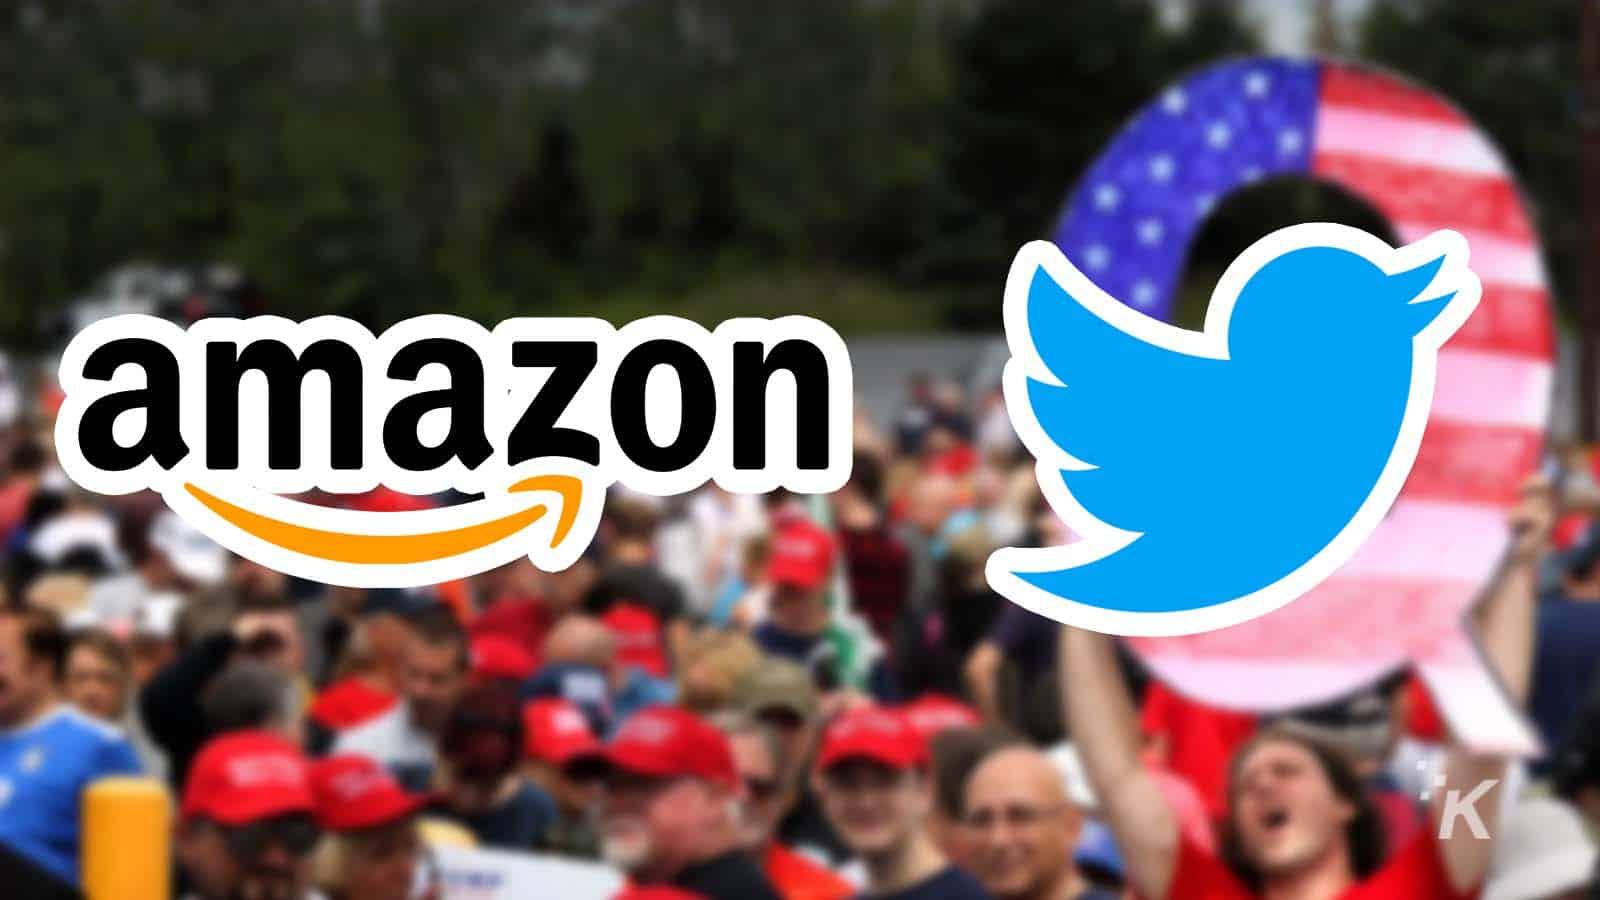 amazon twitter qanon logos